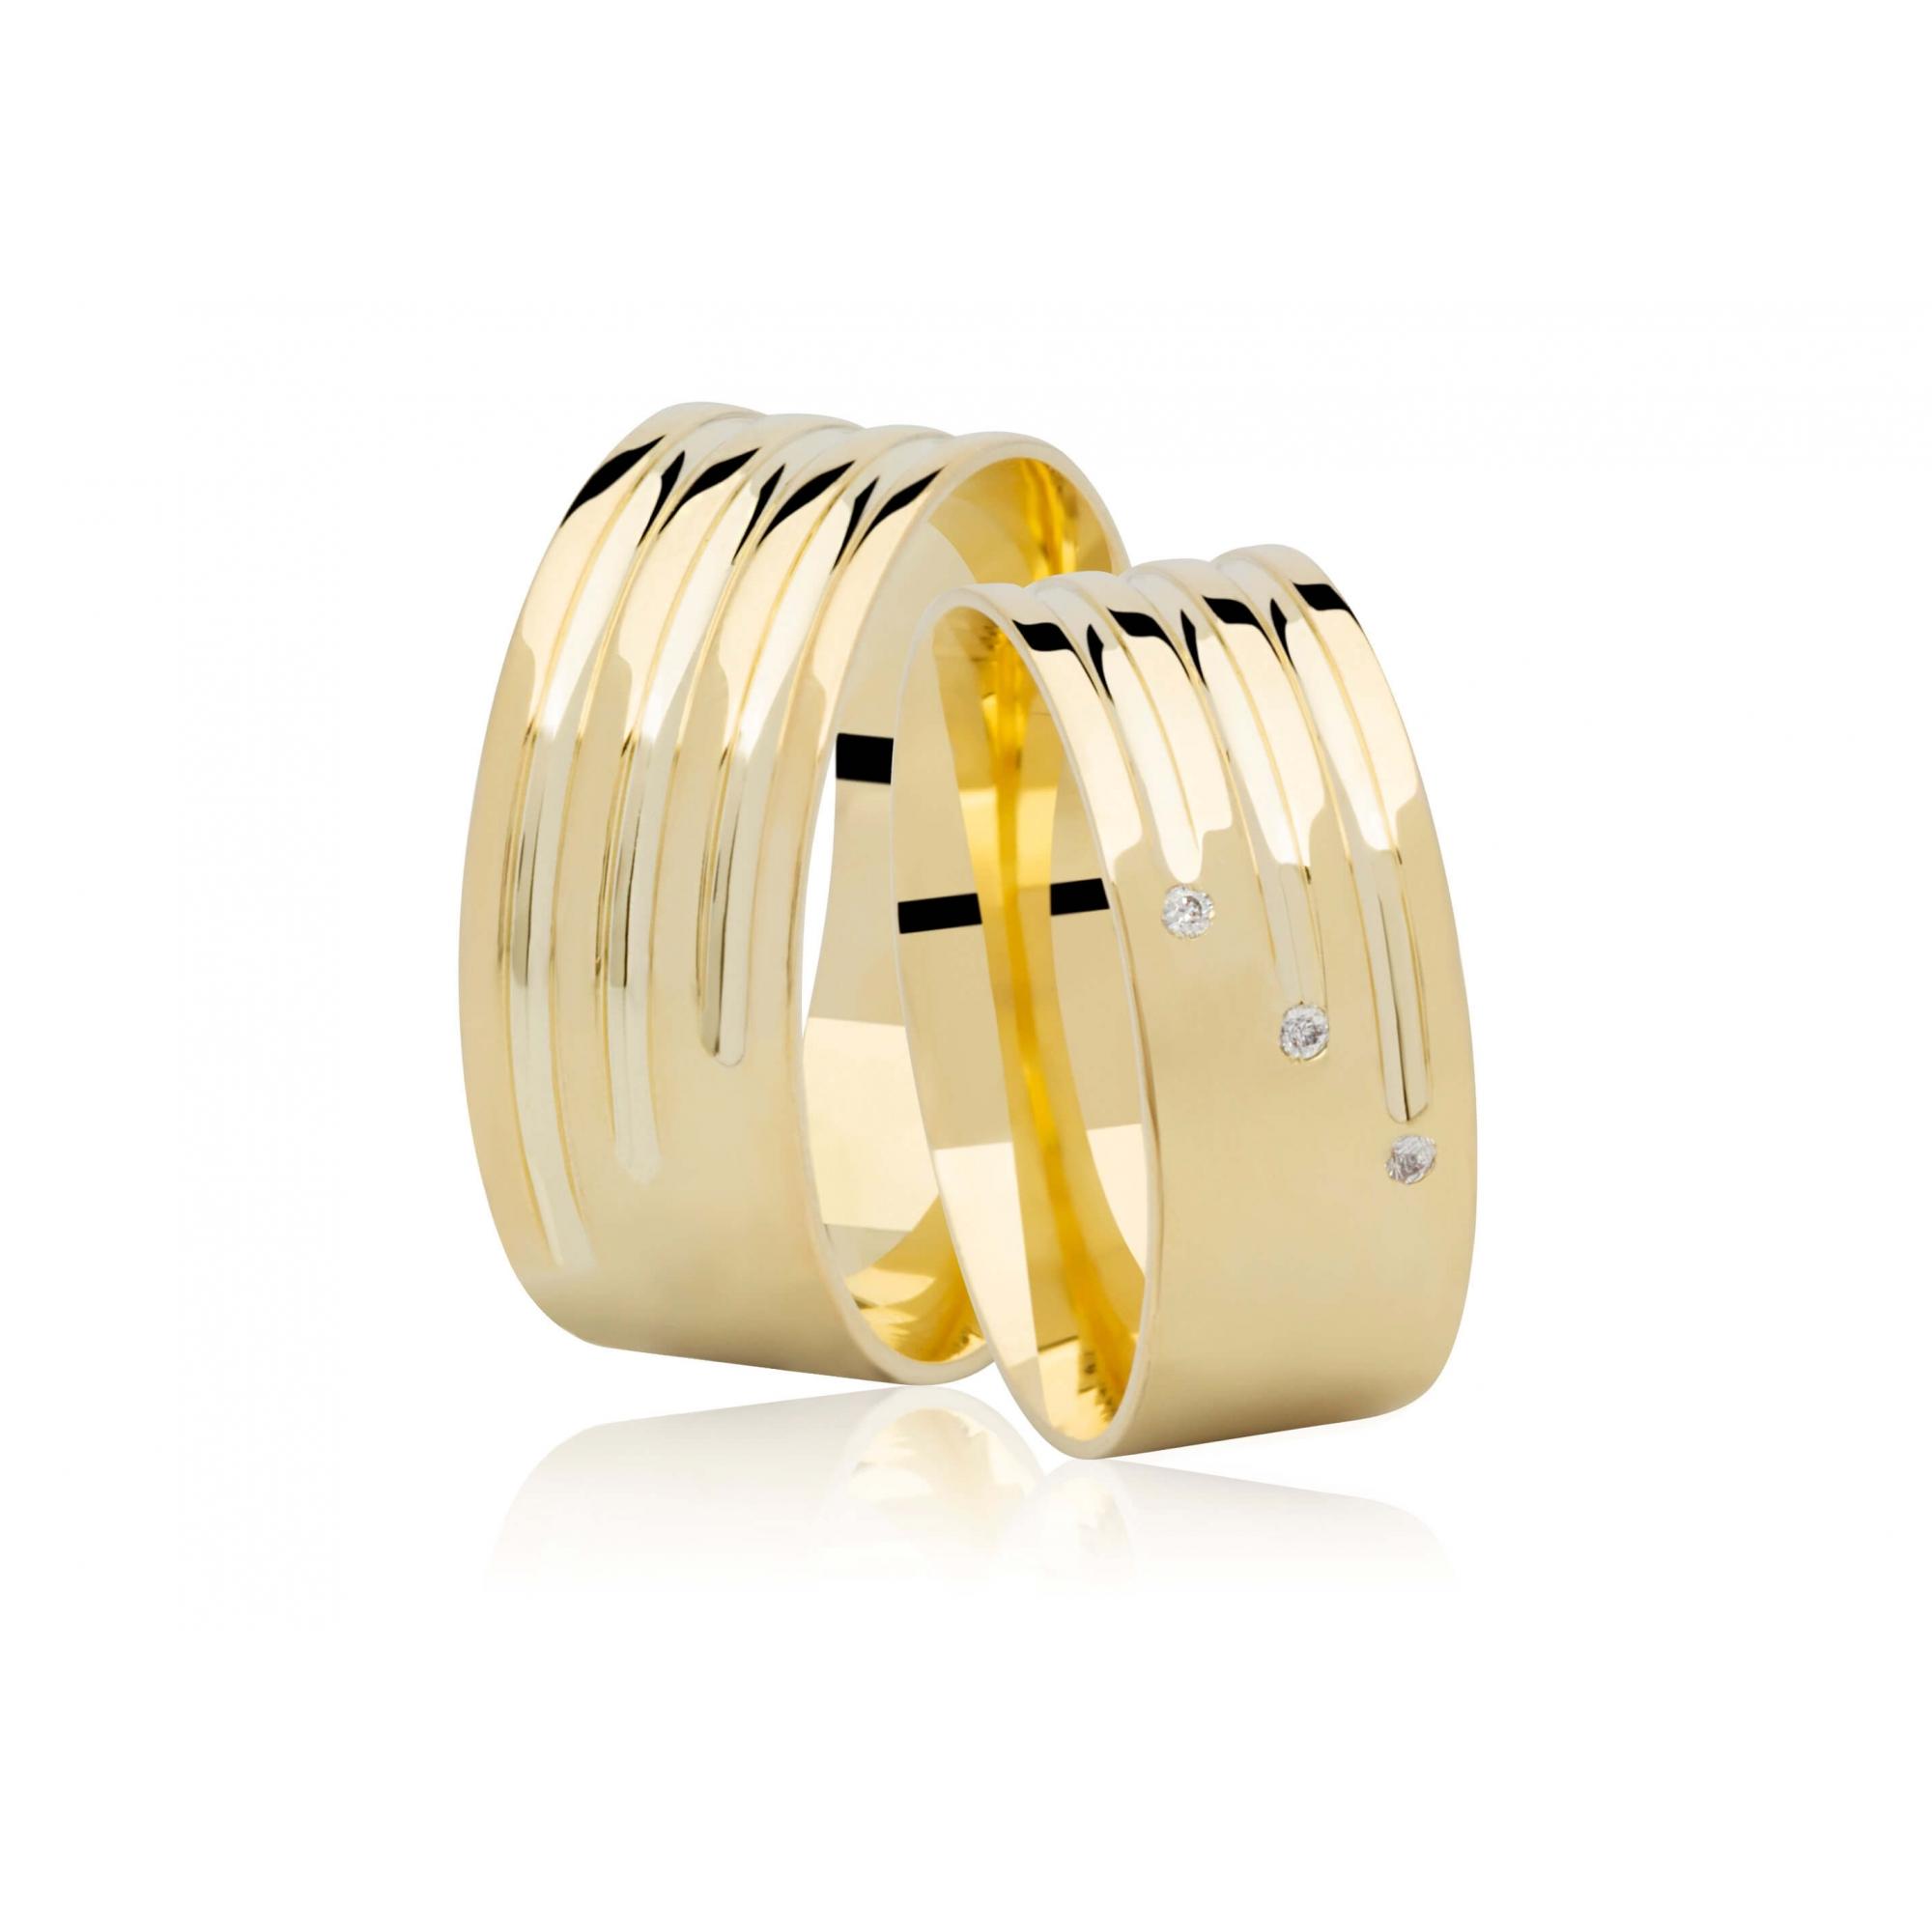 Alianças de Casamento Ouro 18k  Three Wires - Unitária (8mm)